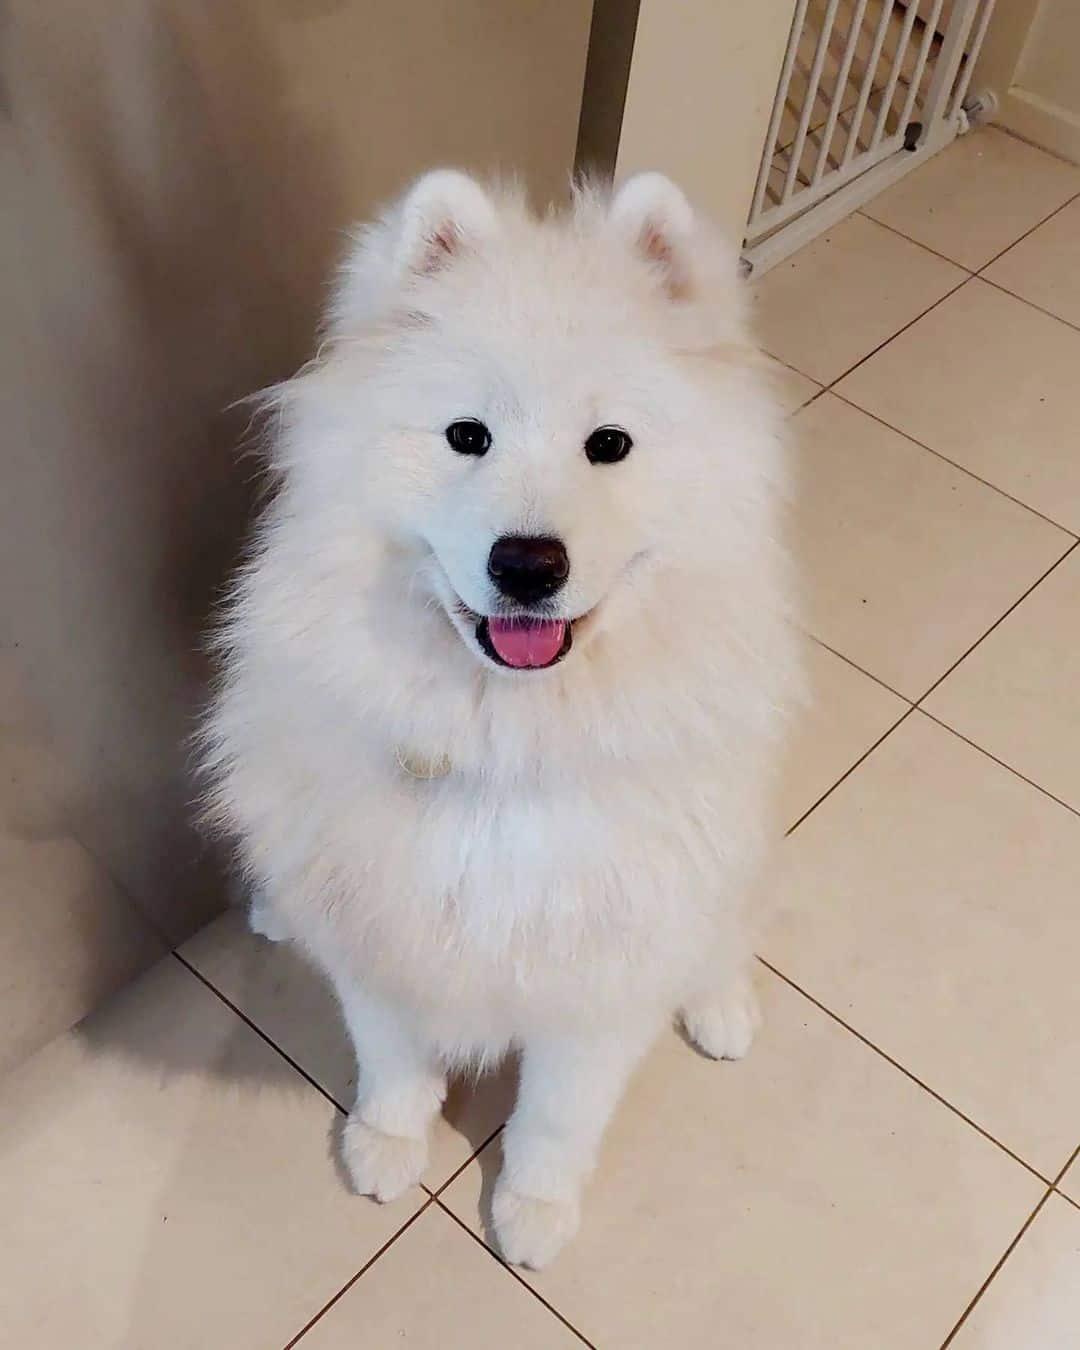 adorable white samoyed dog sitting on the floor